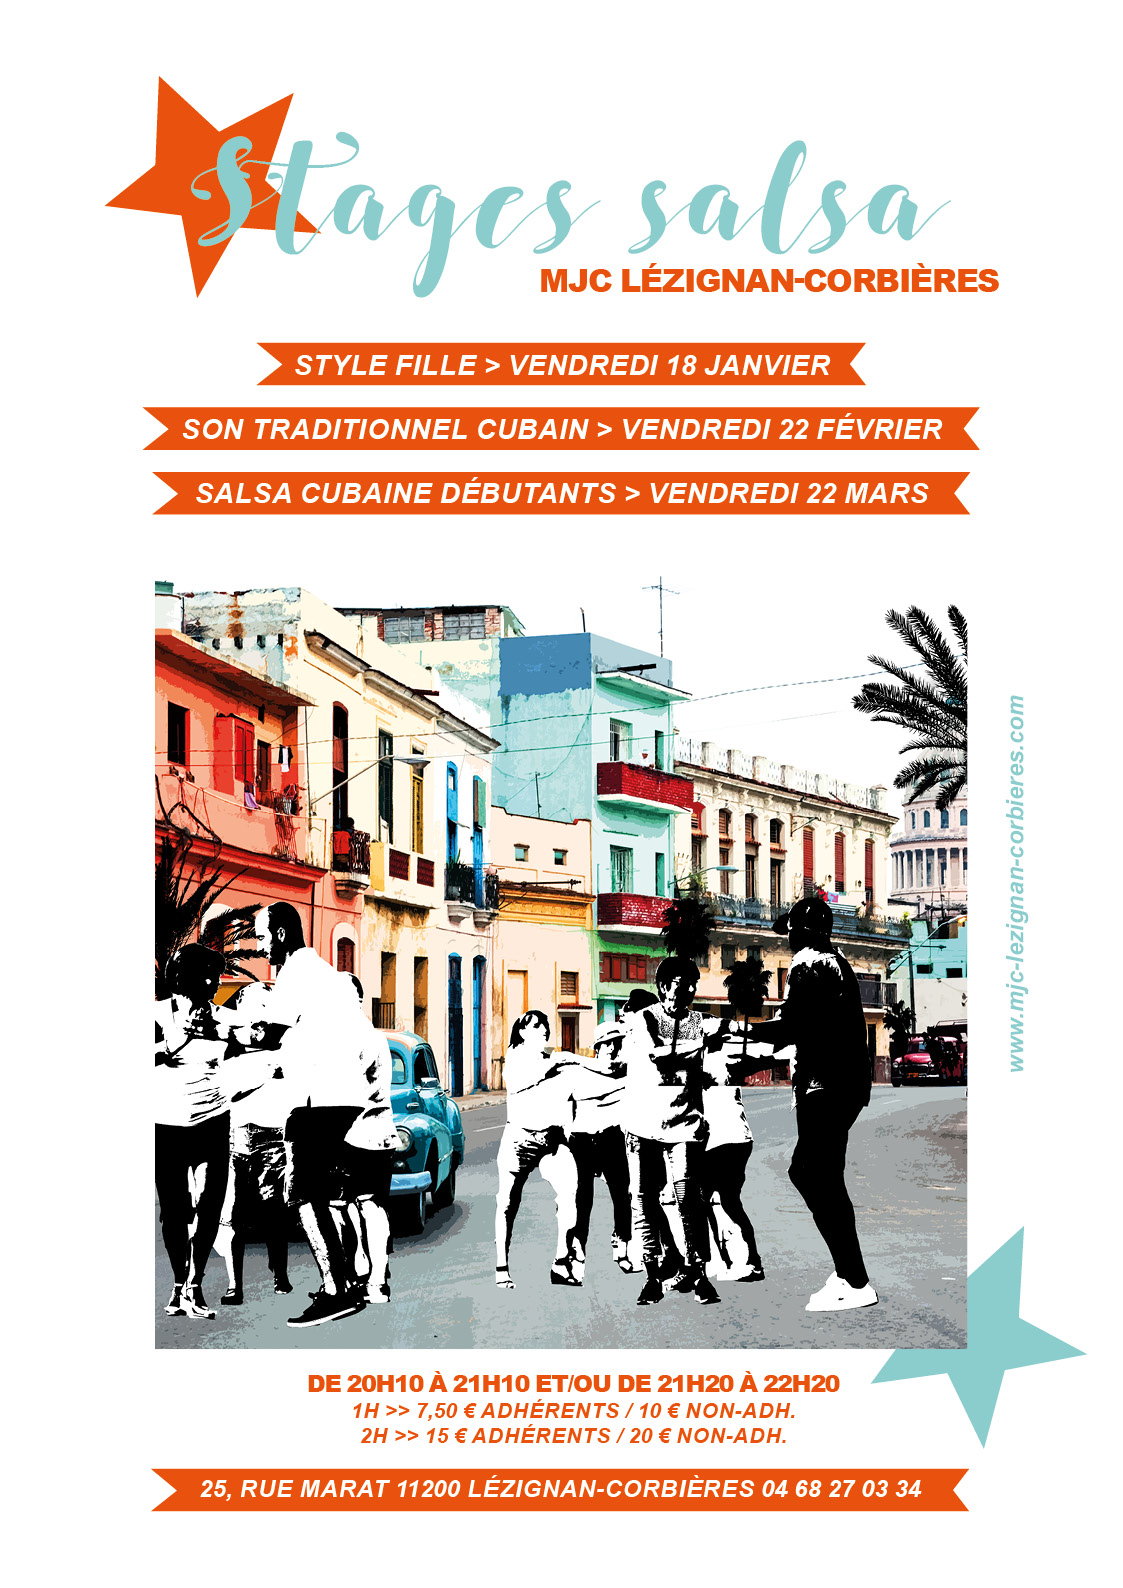 VENDREDI 22 FEVRIER >> stage salsa son traditionnel cubain